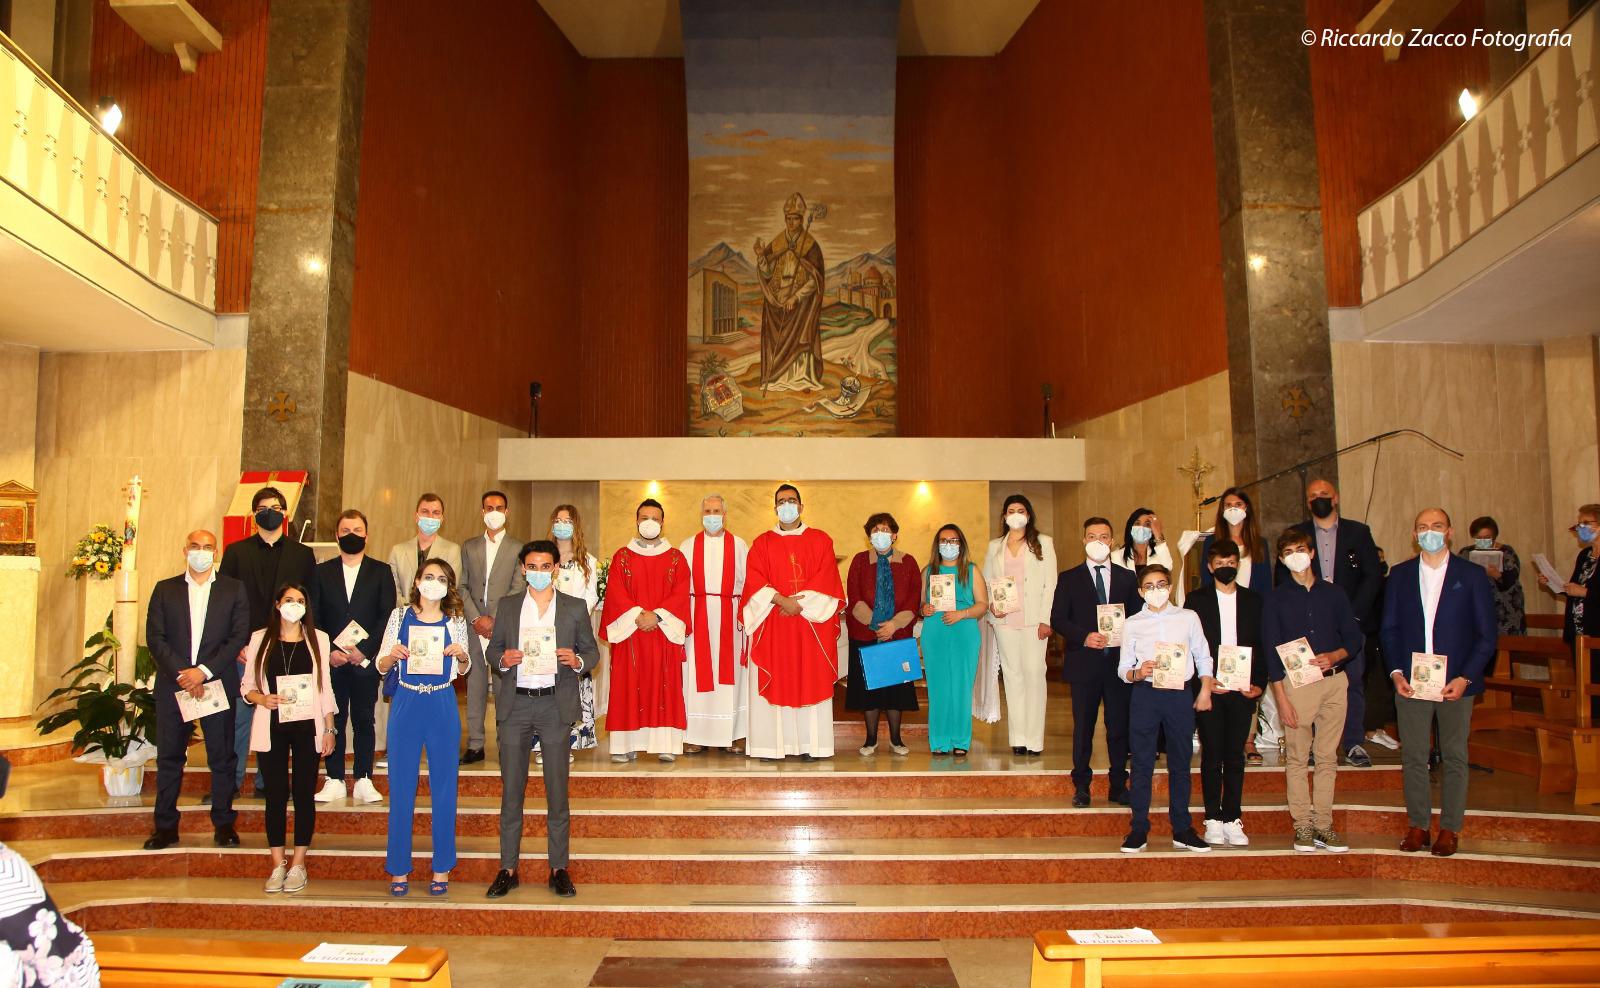 parrocchia_santernesto cresime 2021